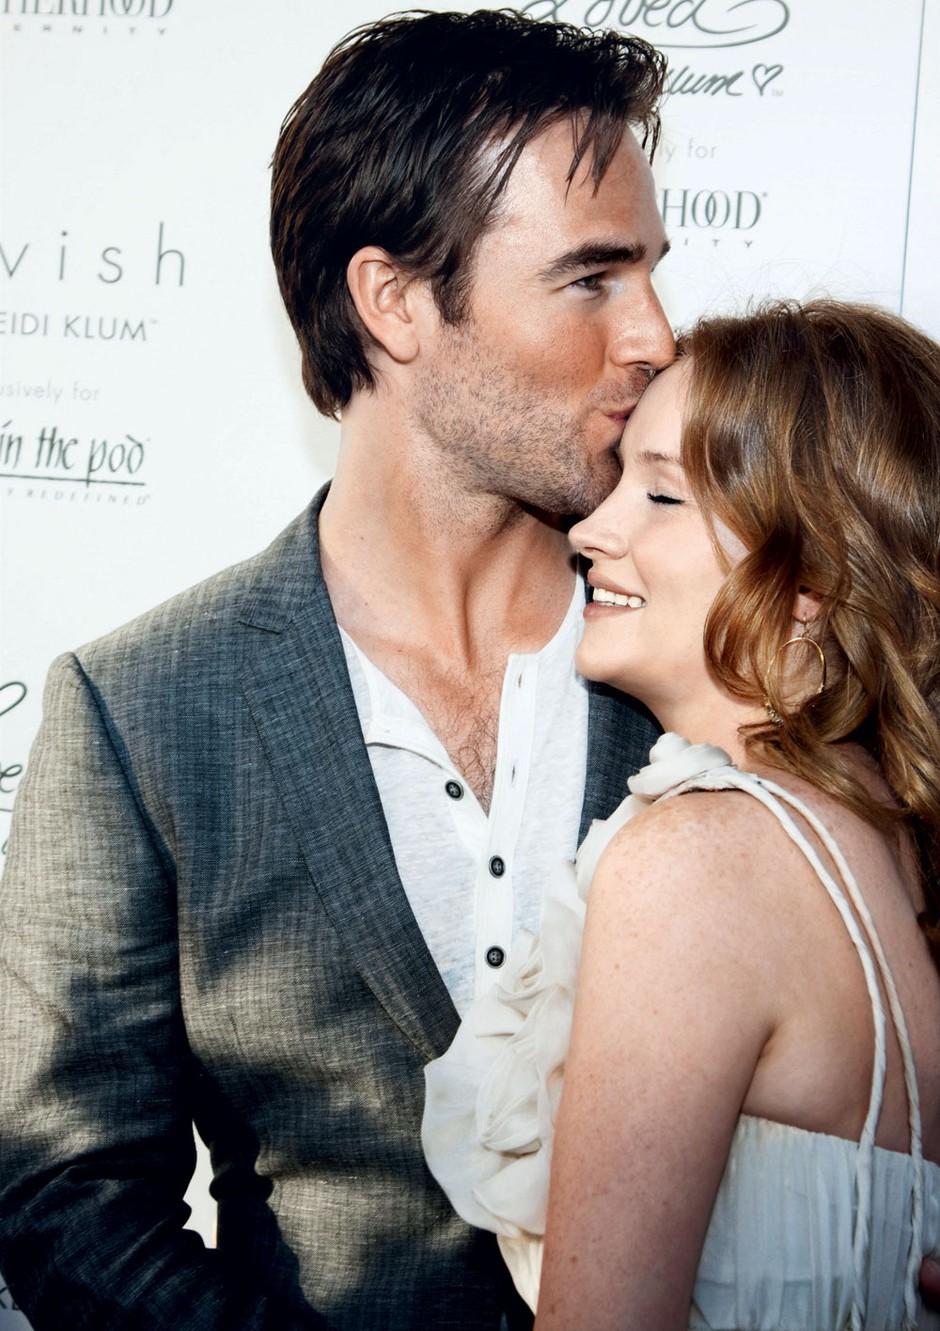 Razkrinkaj njegov poljubček (foto: Chris Clinton, profimedia.si, Arthur Belebeau, fotolia.com, Getty Images, Sašo Radej)